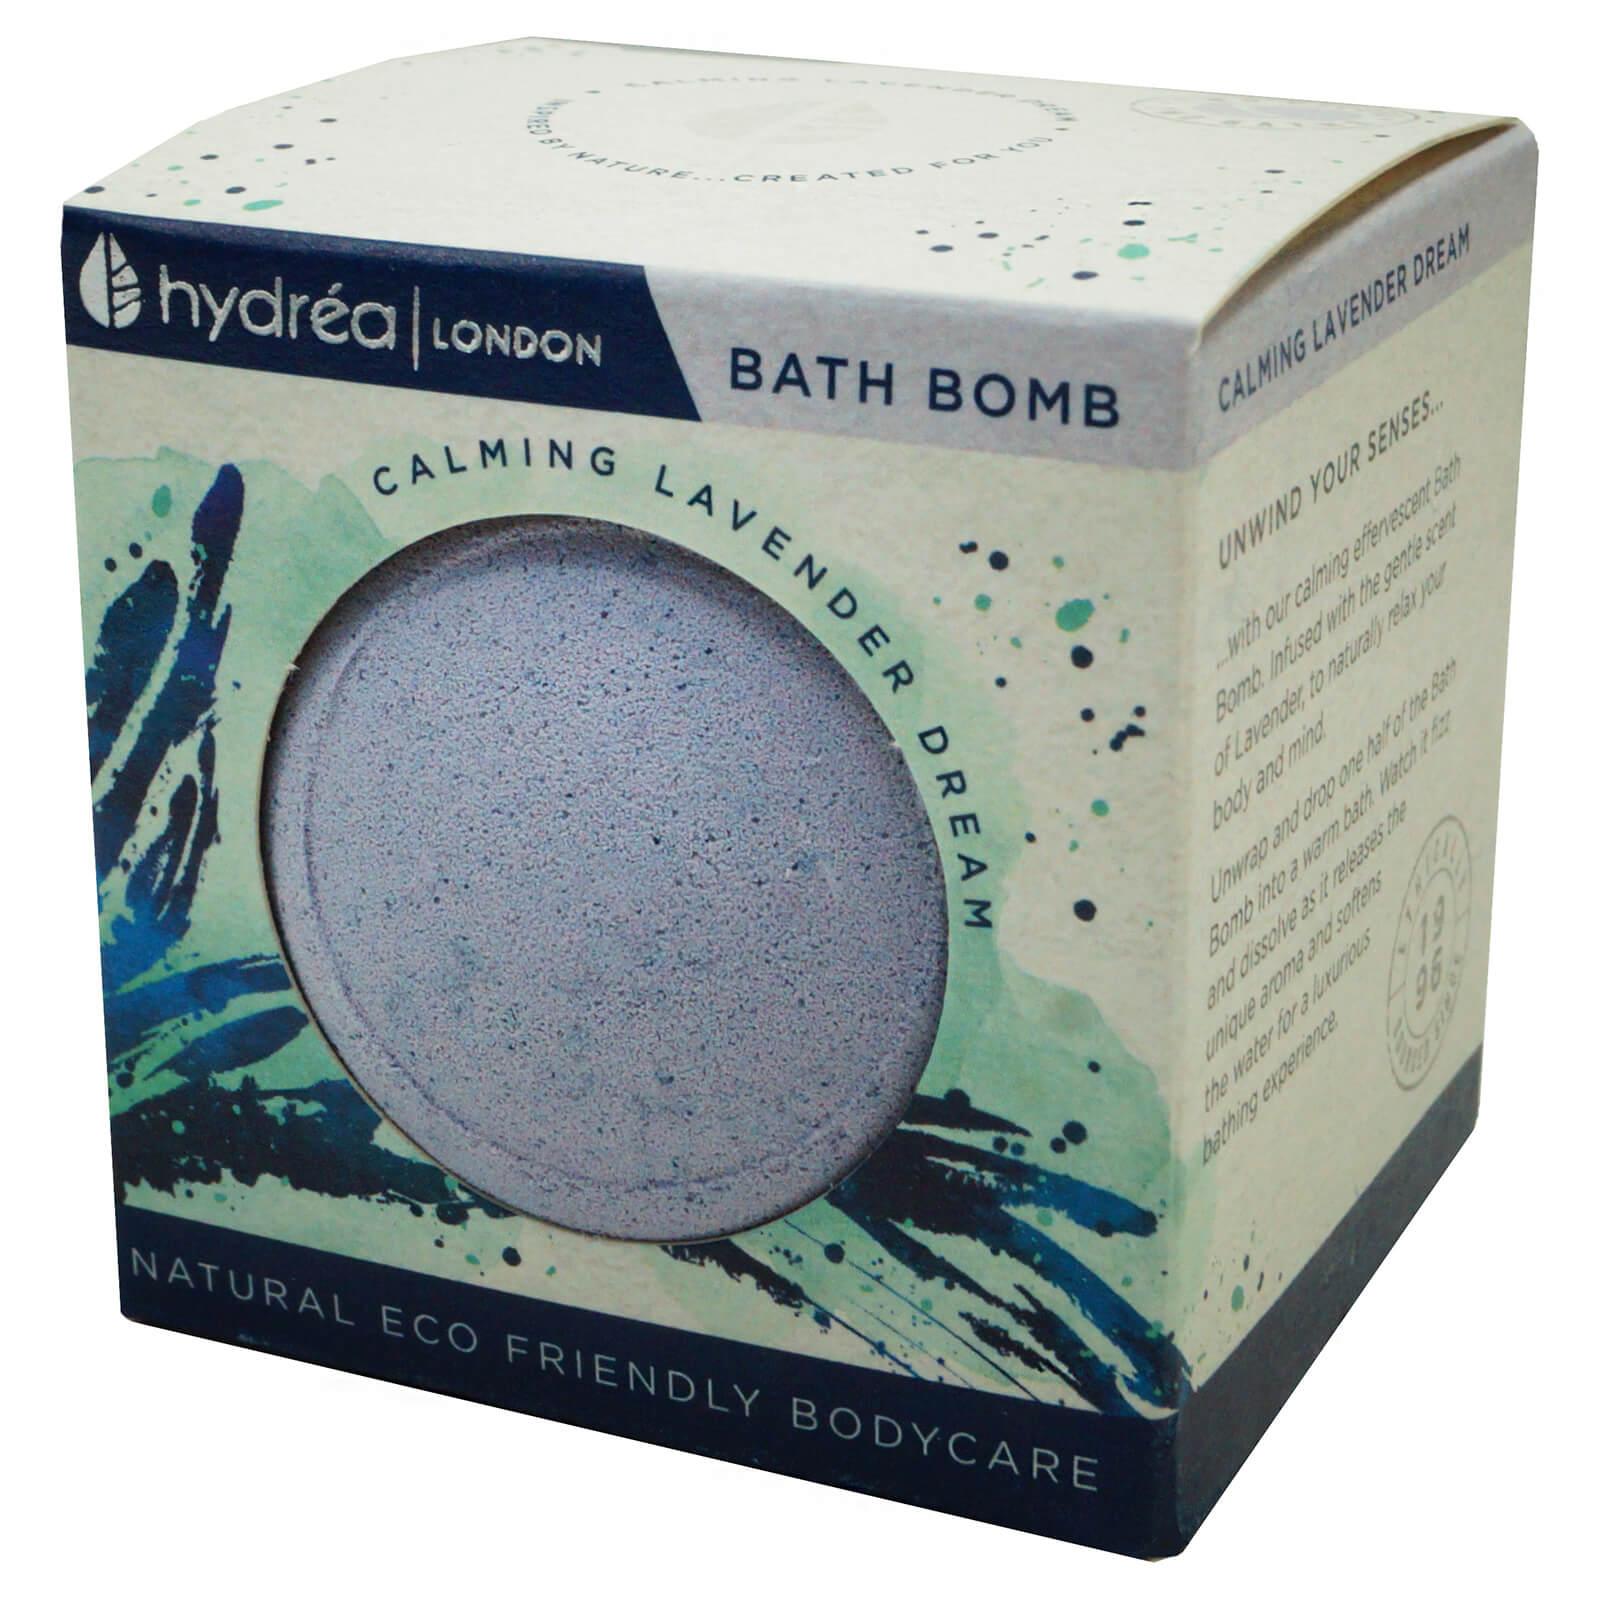 Bomba de baño eco-friendly con lavanda de Hydréa London